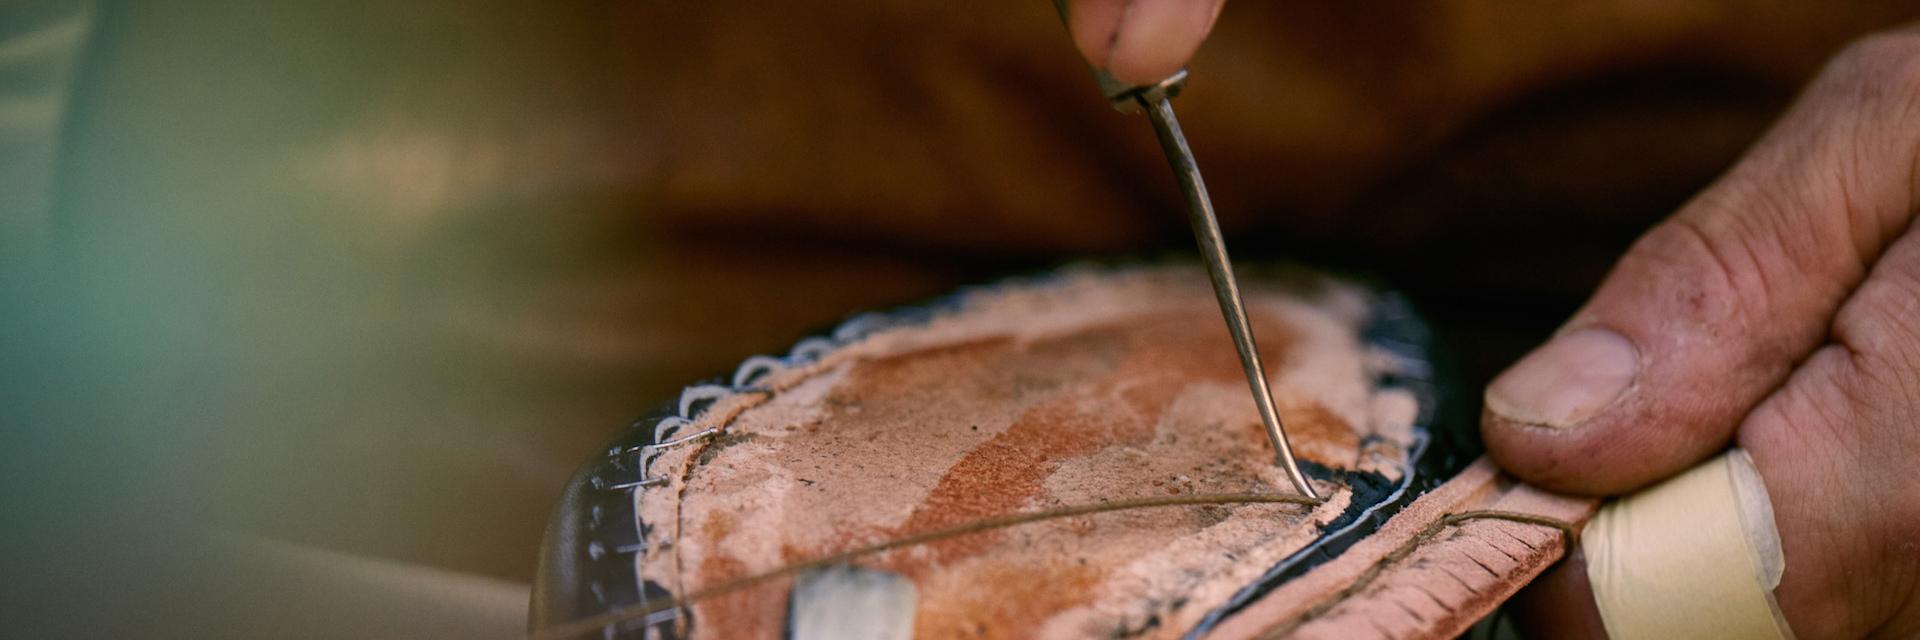 Fragiacomo Handmade